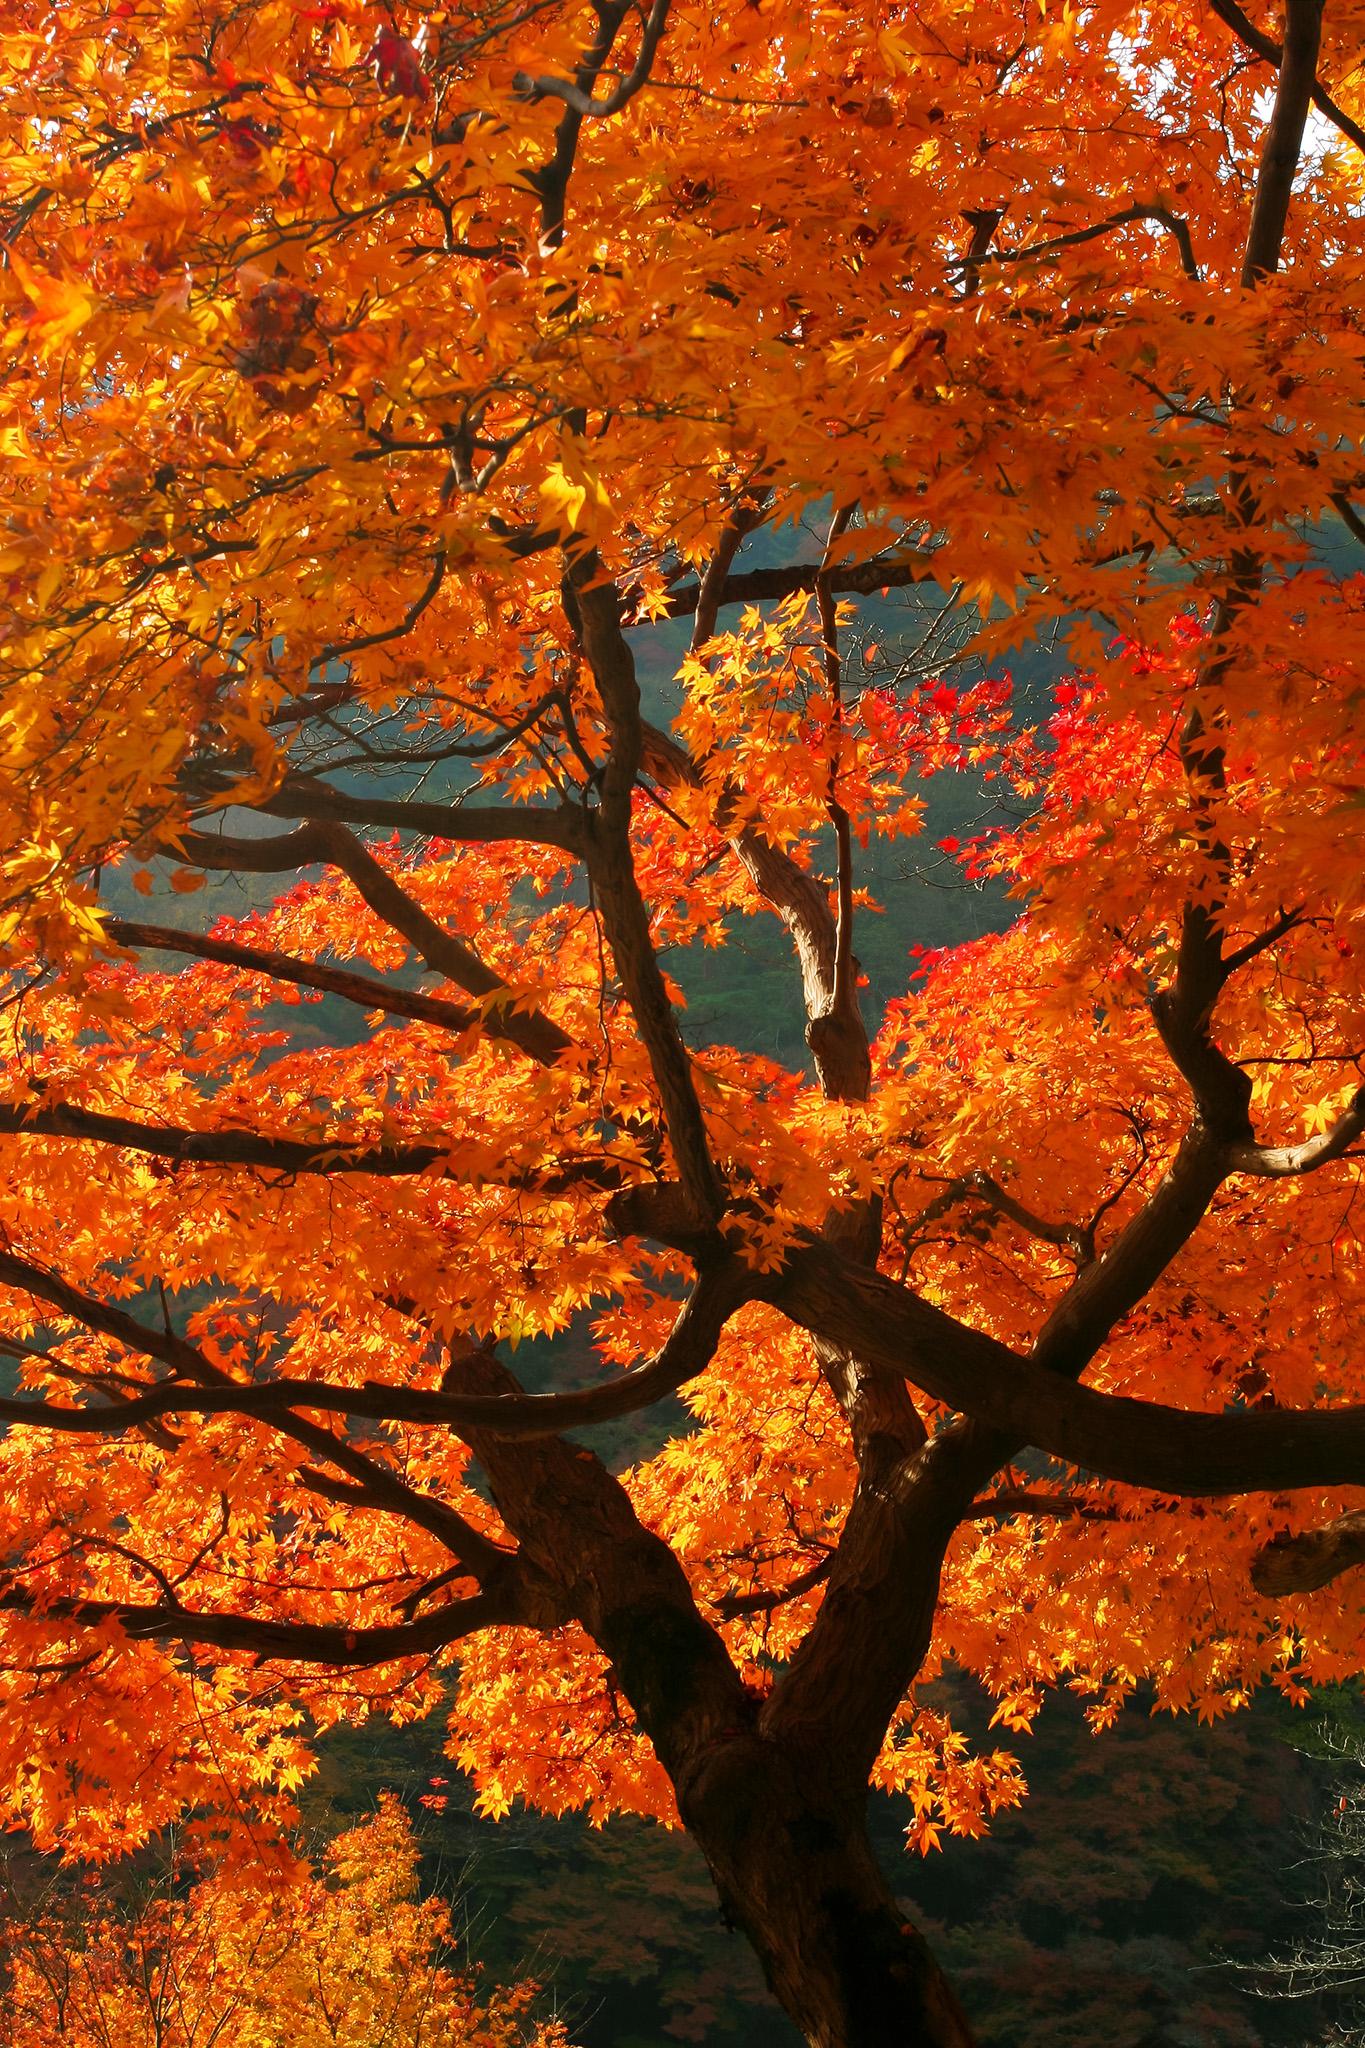 「オレンジ色のモミジの木」の画像を無料ダウンロード